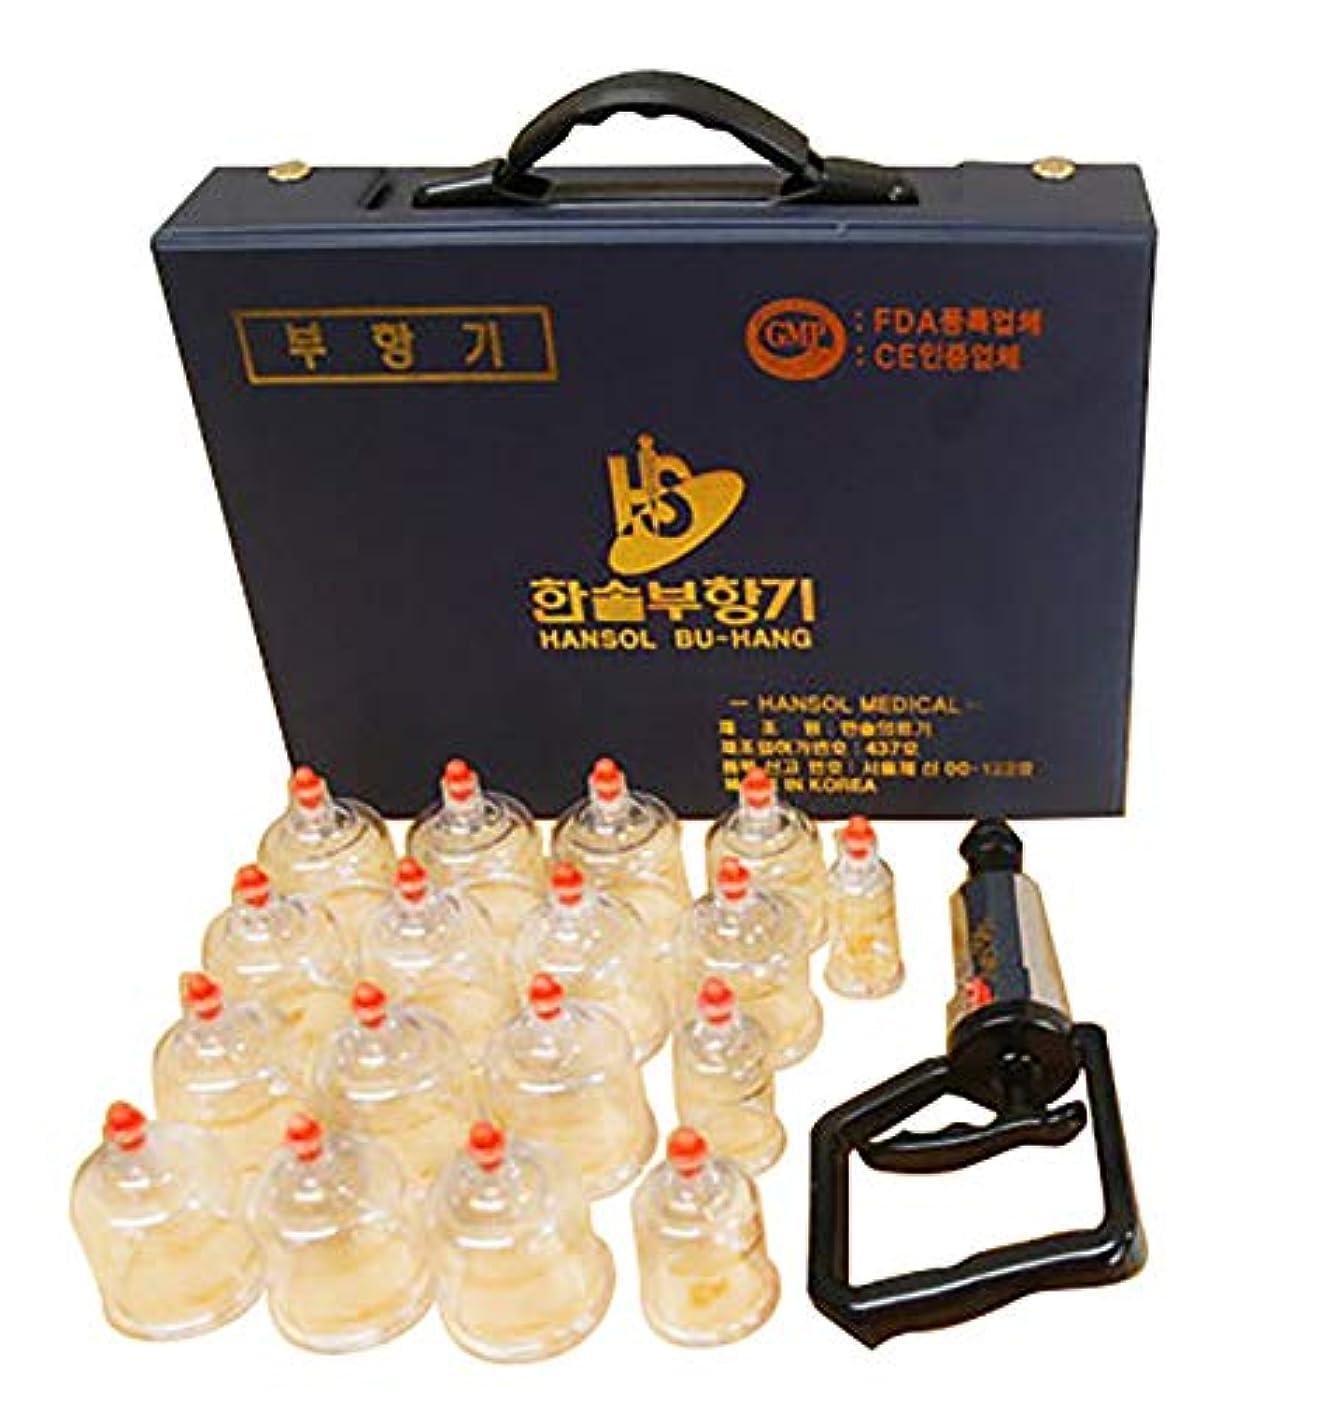 運営真実に急襲中国四千年の健康法「吸玉」がご家庭で手軽にできる!ハンソルメディカル ブハン カッピングカップ17個セット